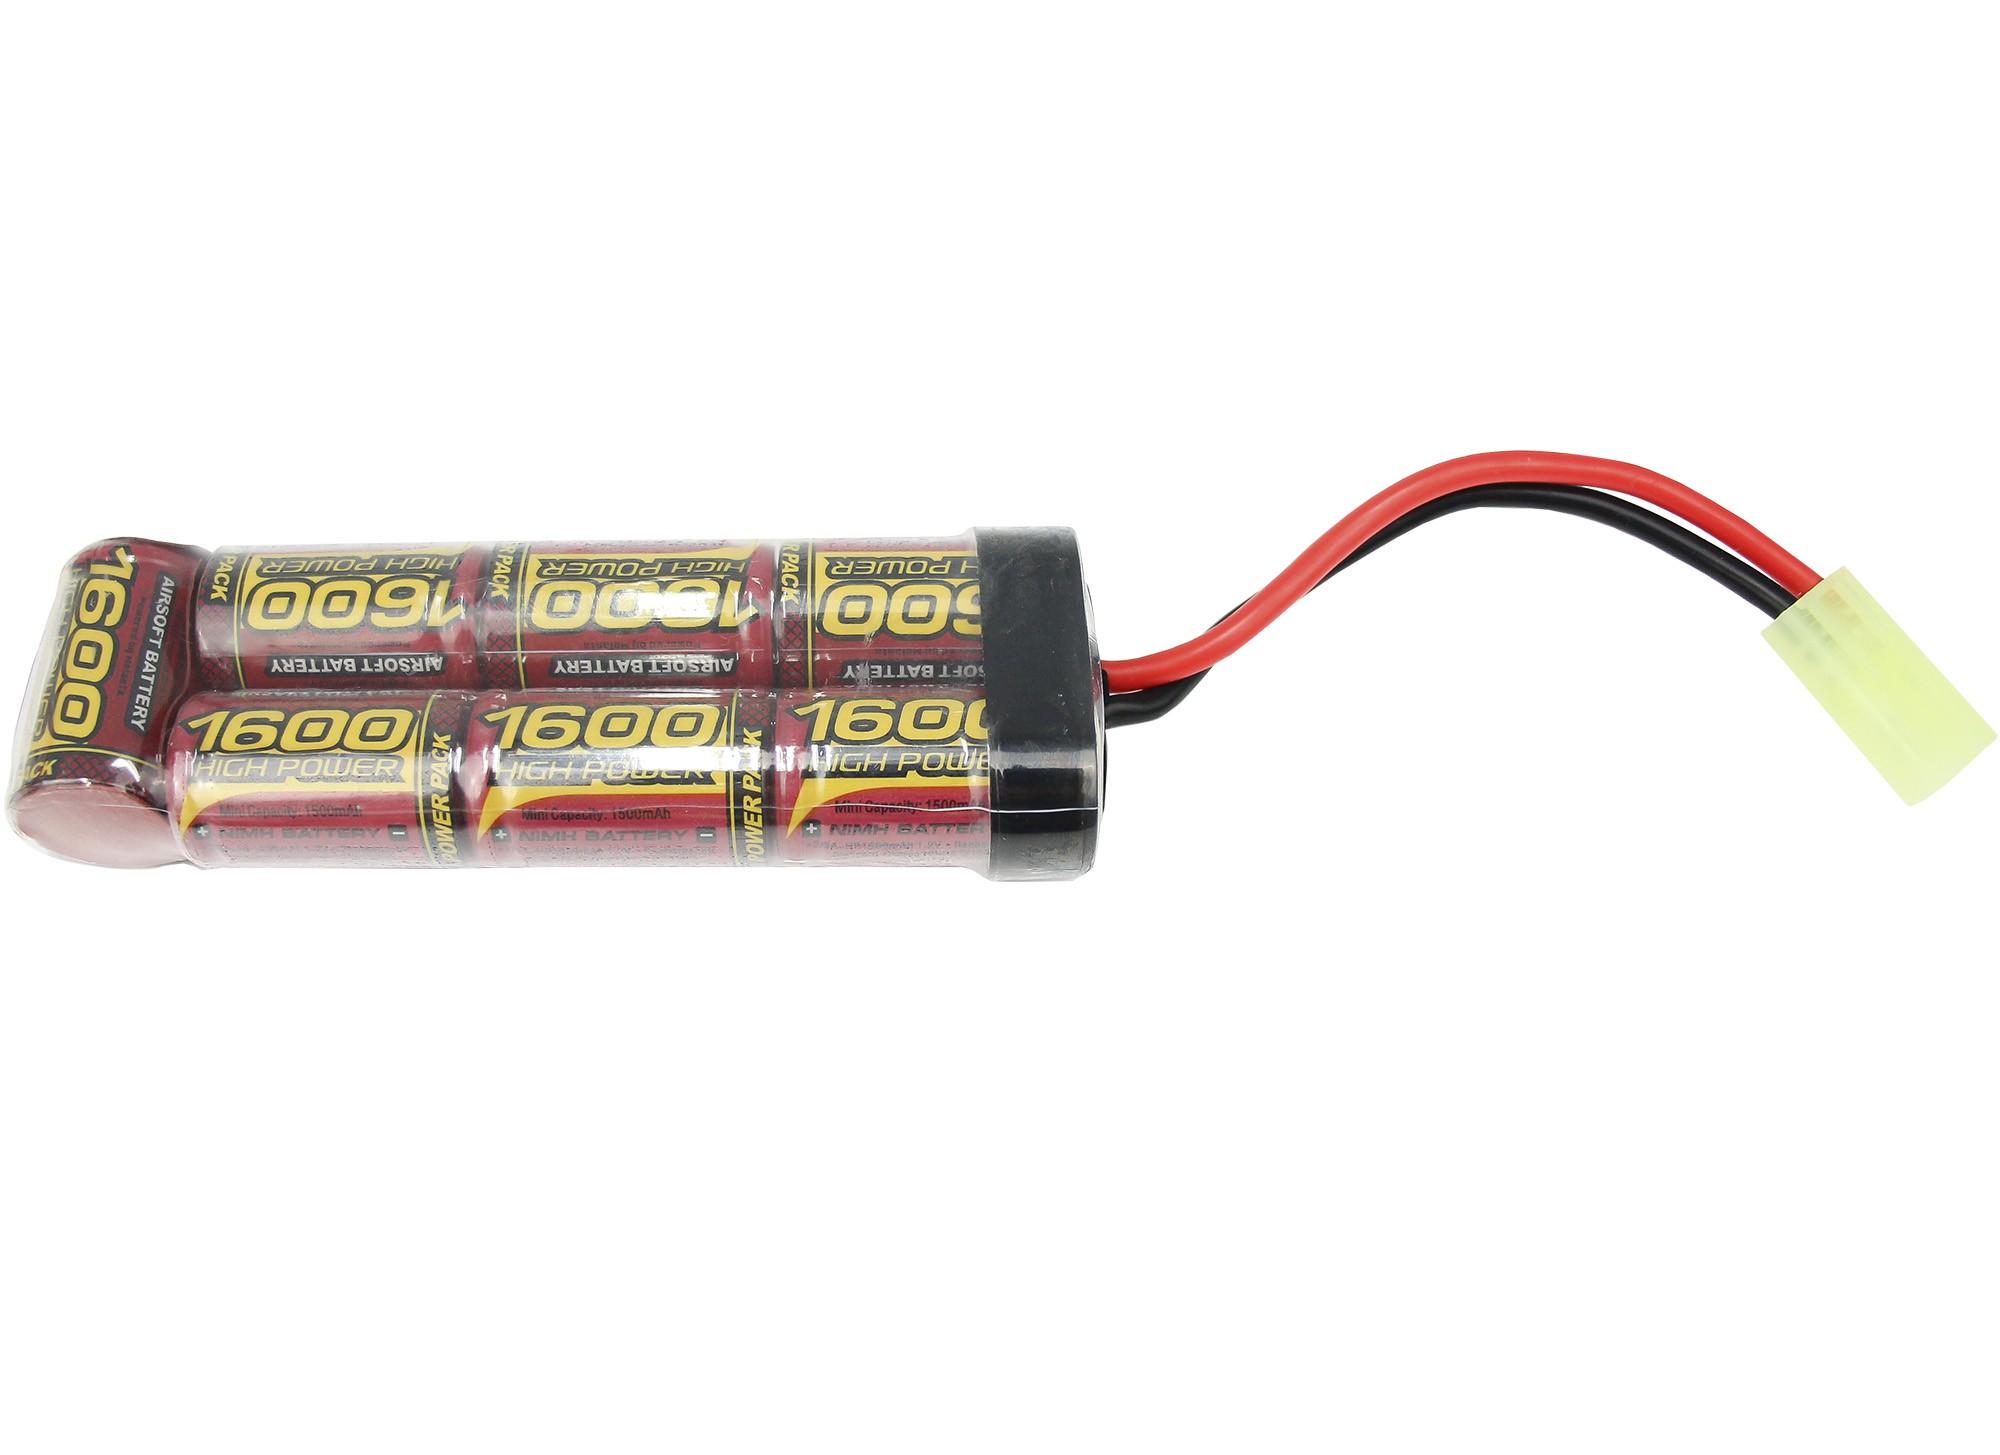 Bateria Para Airsoft Modelo Brinck 8.4V/1600 mAh (MLT)